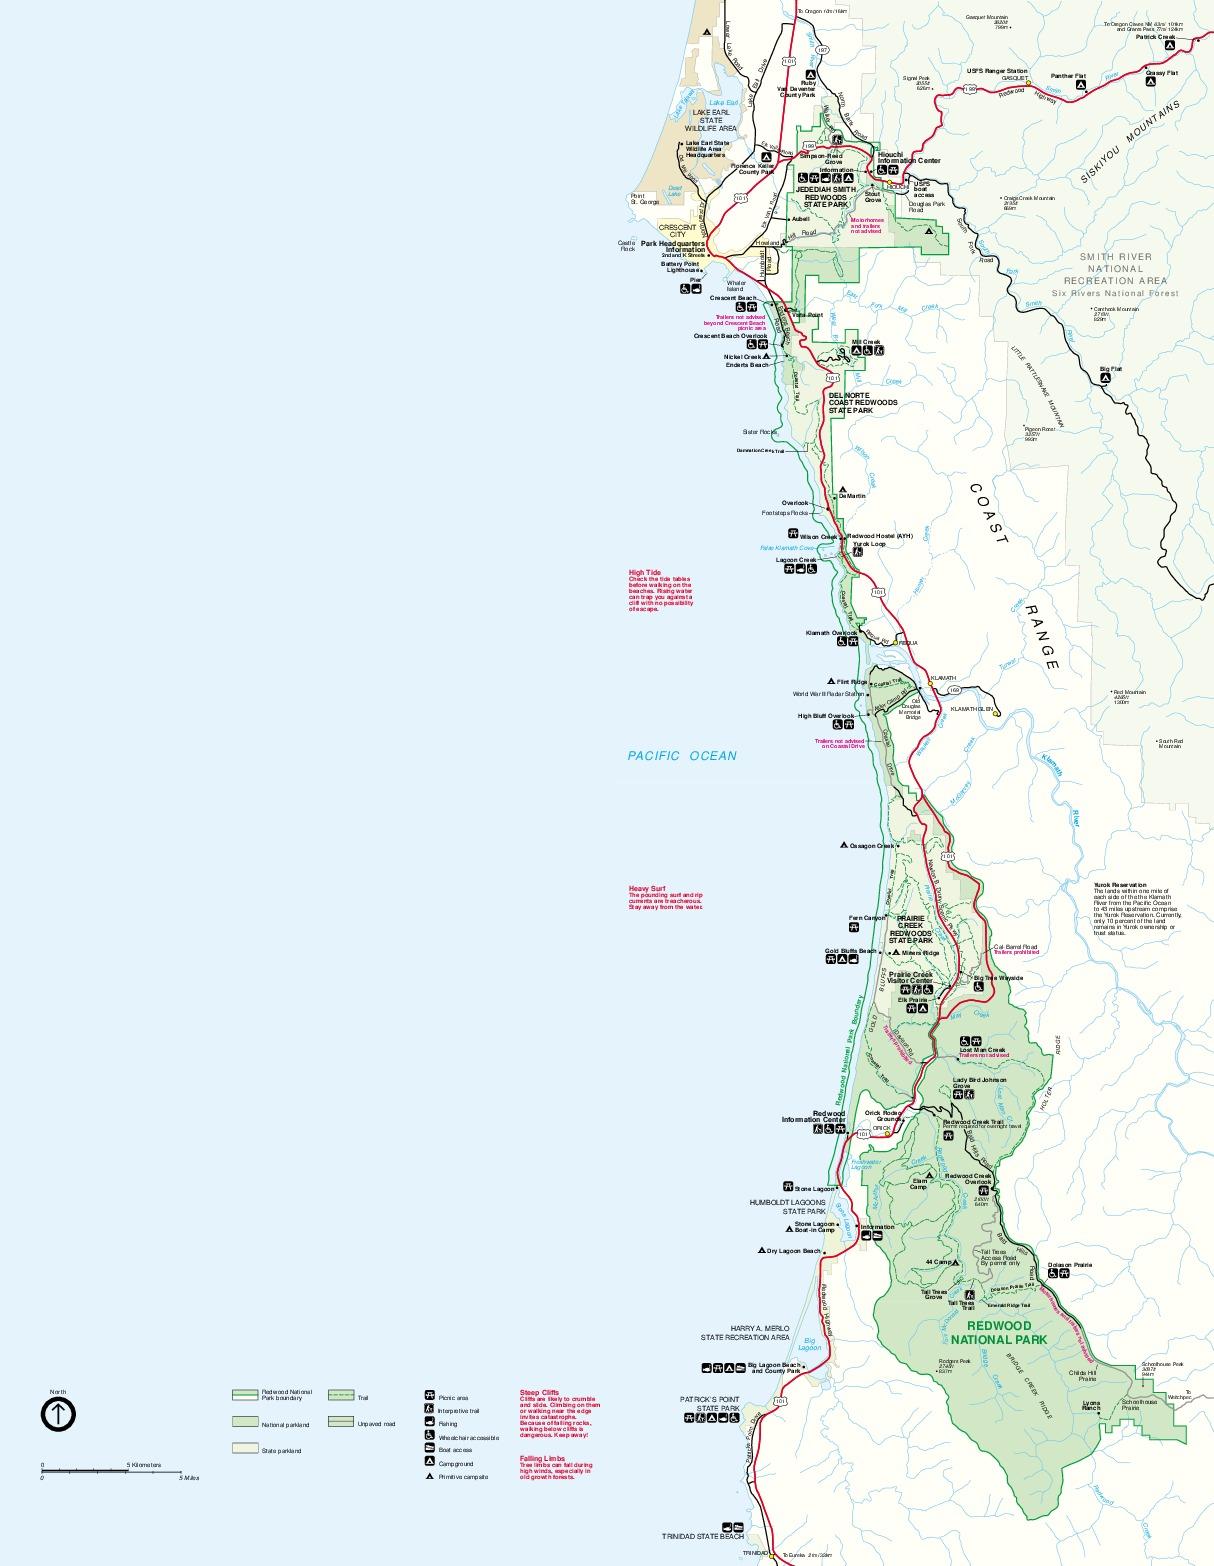 Mapa del Parque Nacional Redwood, California, Estados Unidos